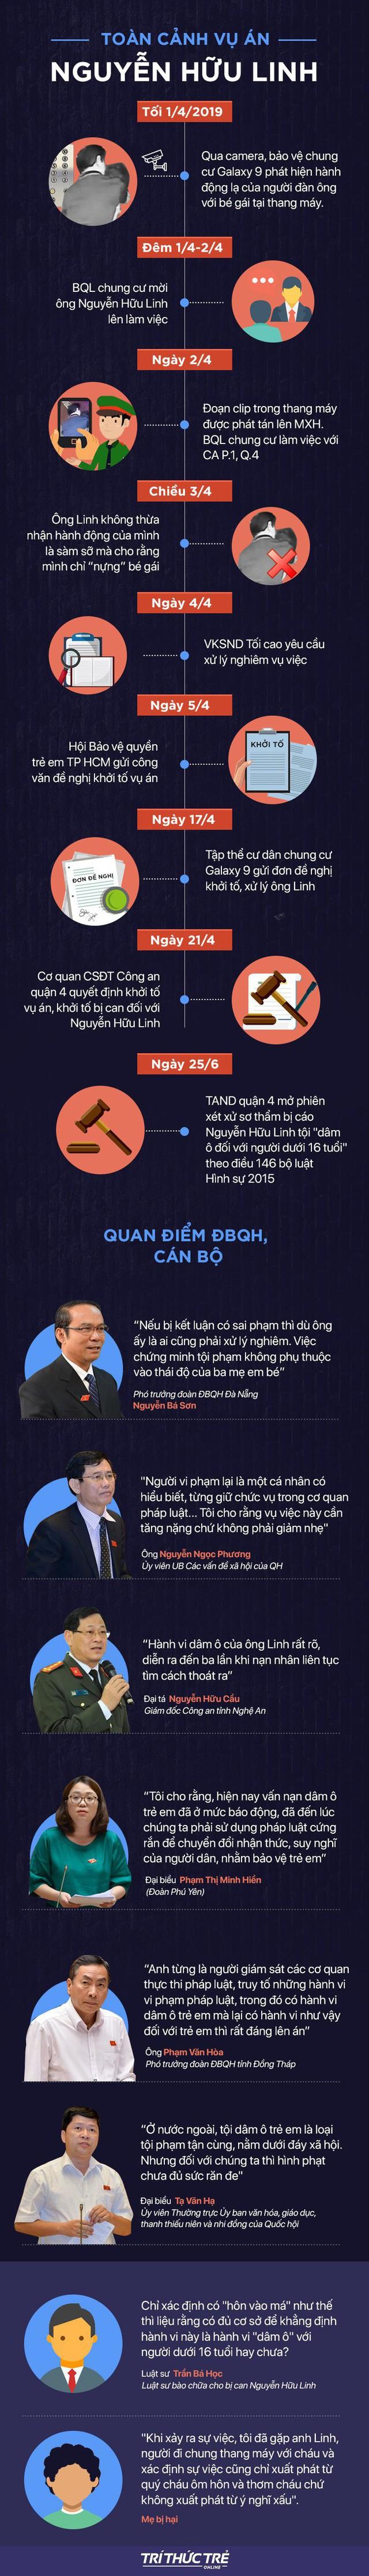 Toà trả hồ sơ vụ ông Nguyễn Hữu Linh sàm sỡ bé gái trong tháng máy - Ảnh 3.